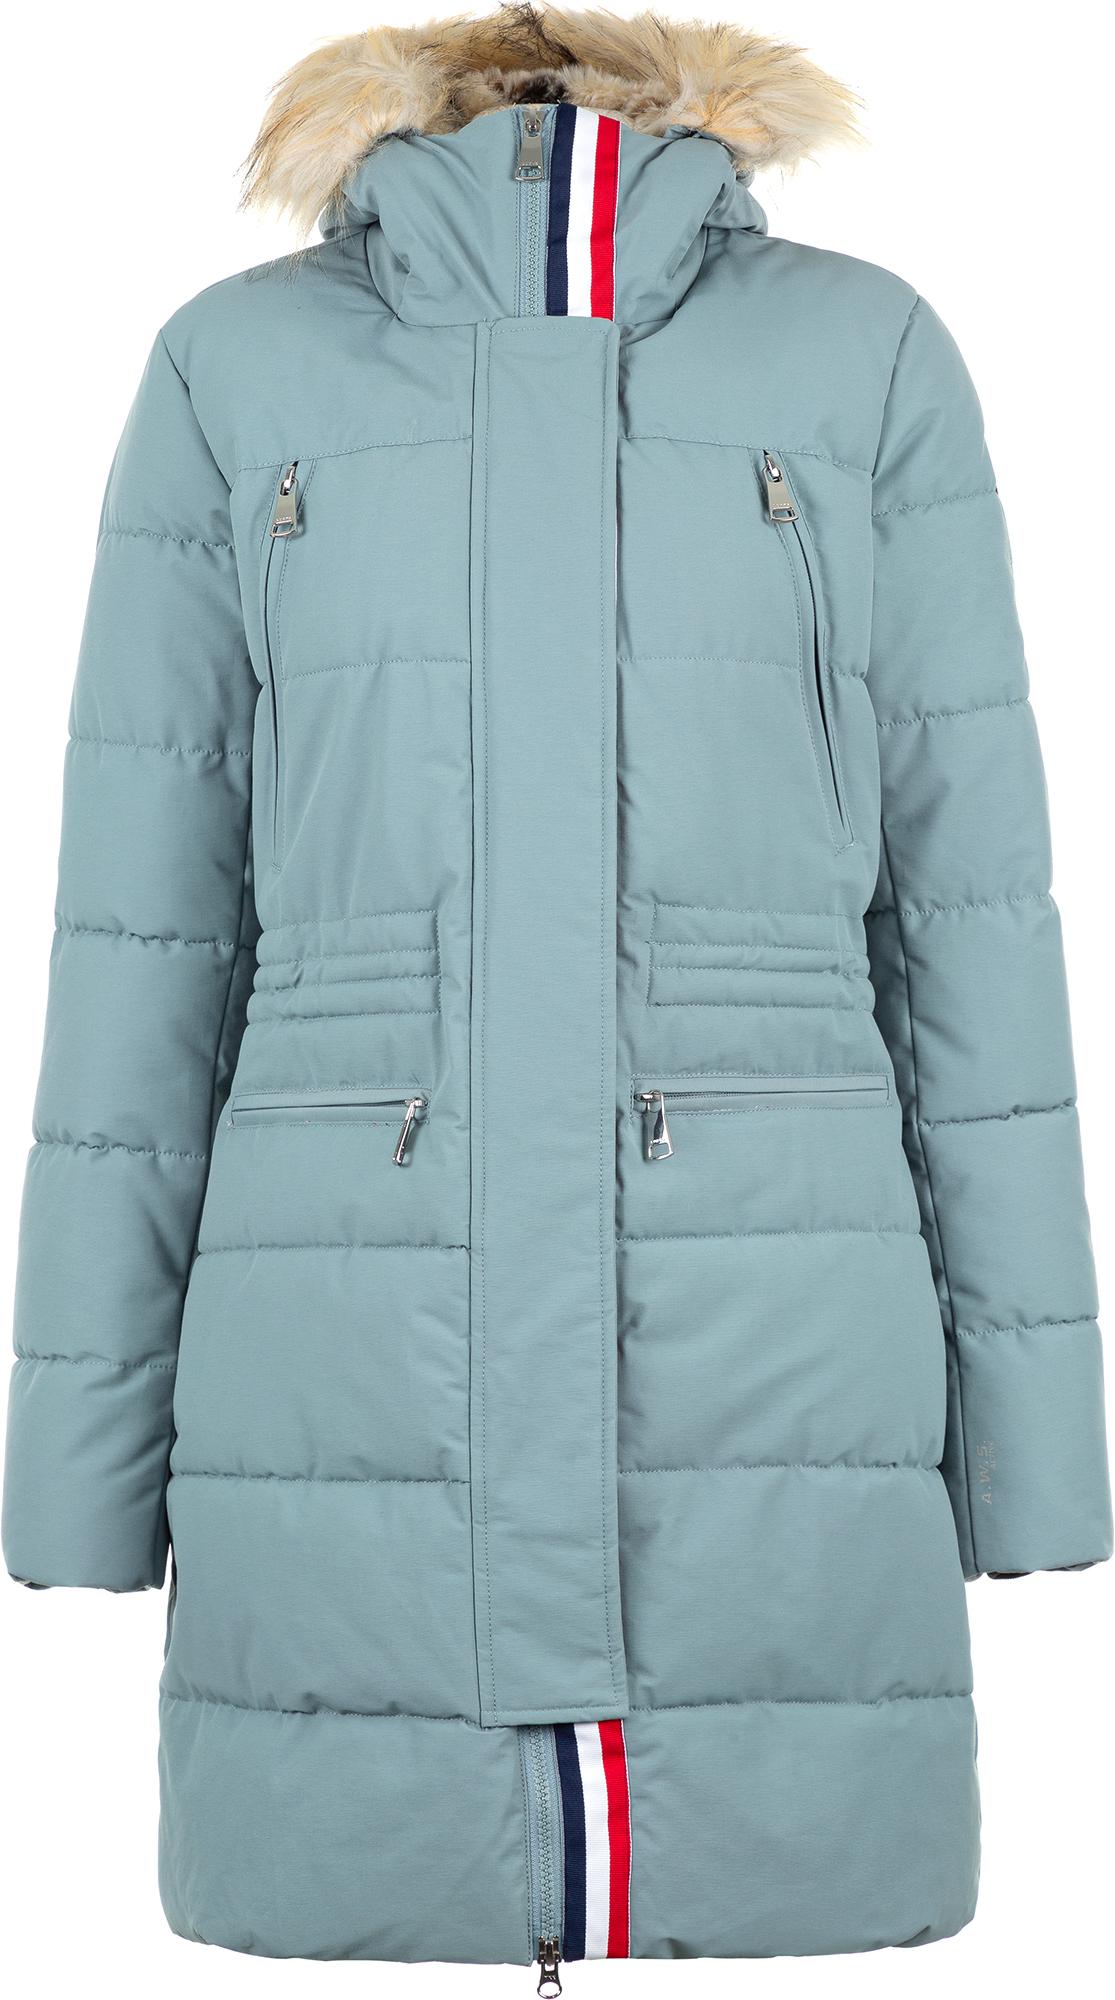 Luhta Куртка утепленная женская Luhta Inginmaa, размер 52 шапка женская luhta цвет серый 838605591lv 810 размер универсальный